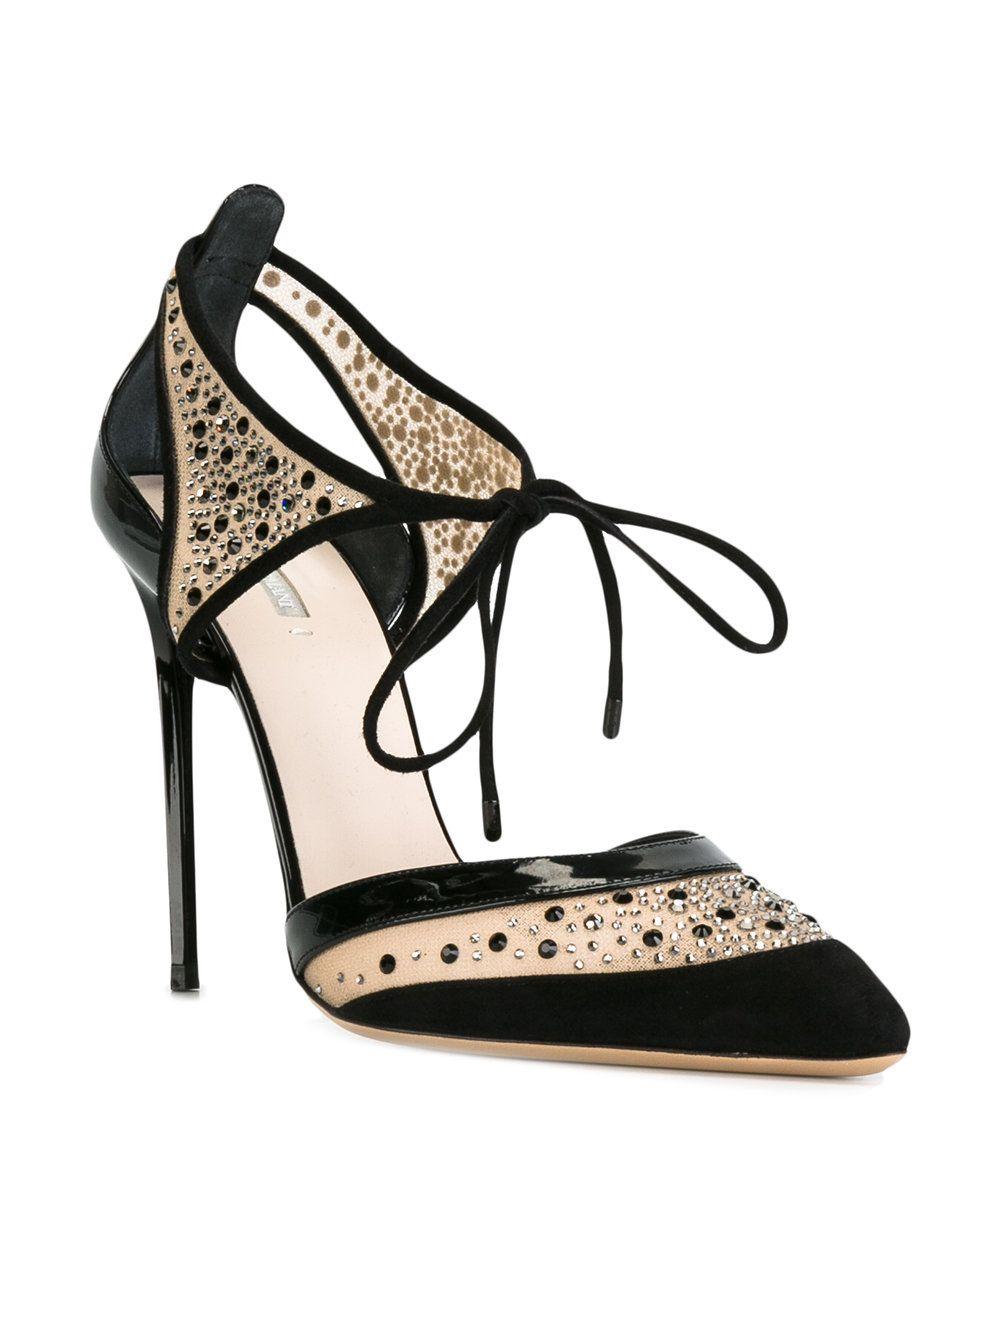 0fc90ba89b3a https   www.farfetch.com lu shopping women giorgio-armani-cut-out-pumps -item-11910681.aspx storeid 9436